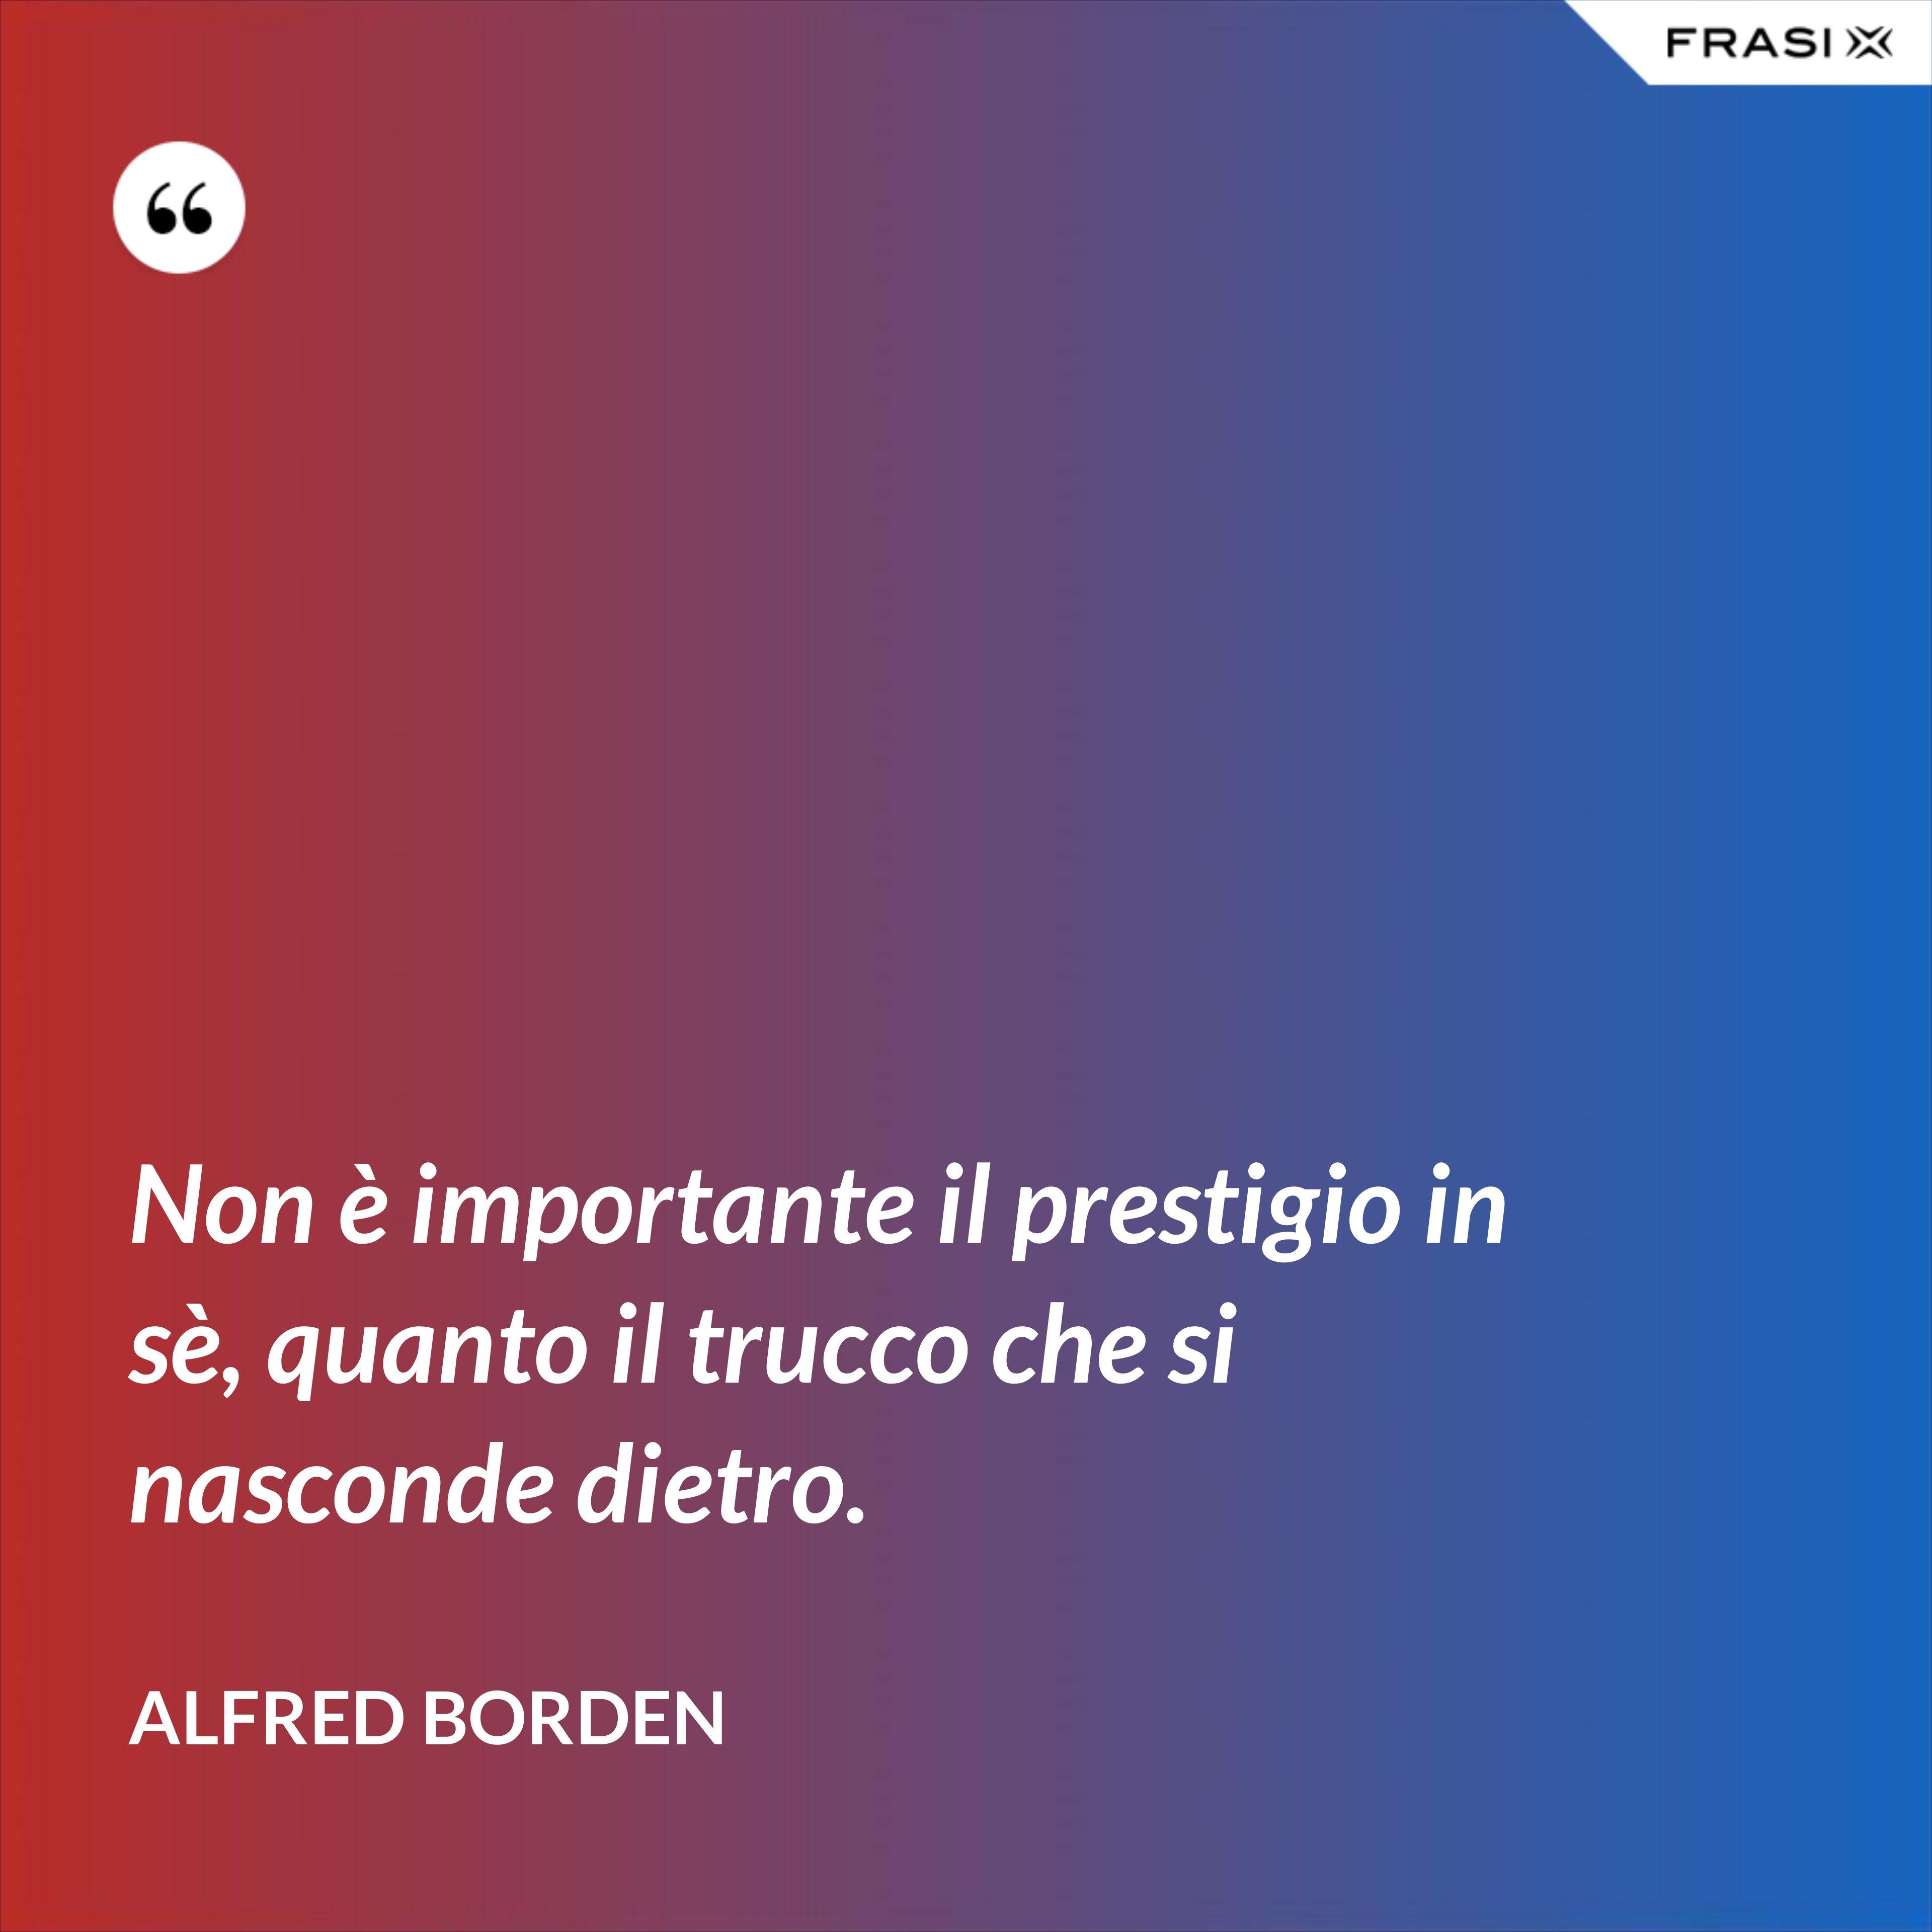 Non è importante il prestigio in sè, quanto il trucco che si nasconde dietro. - Alfred Borden